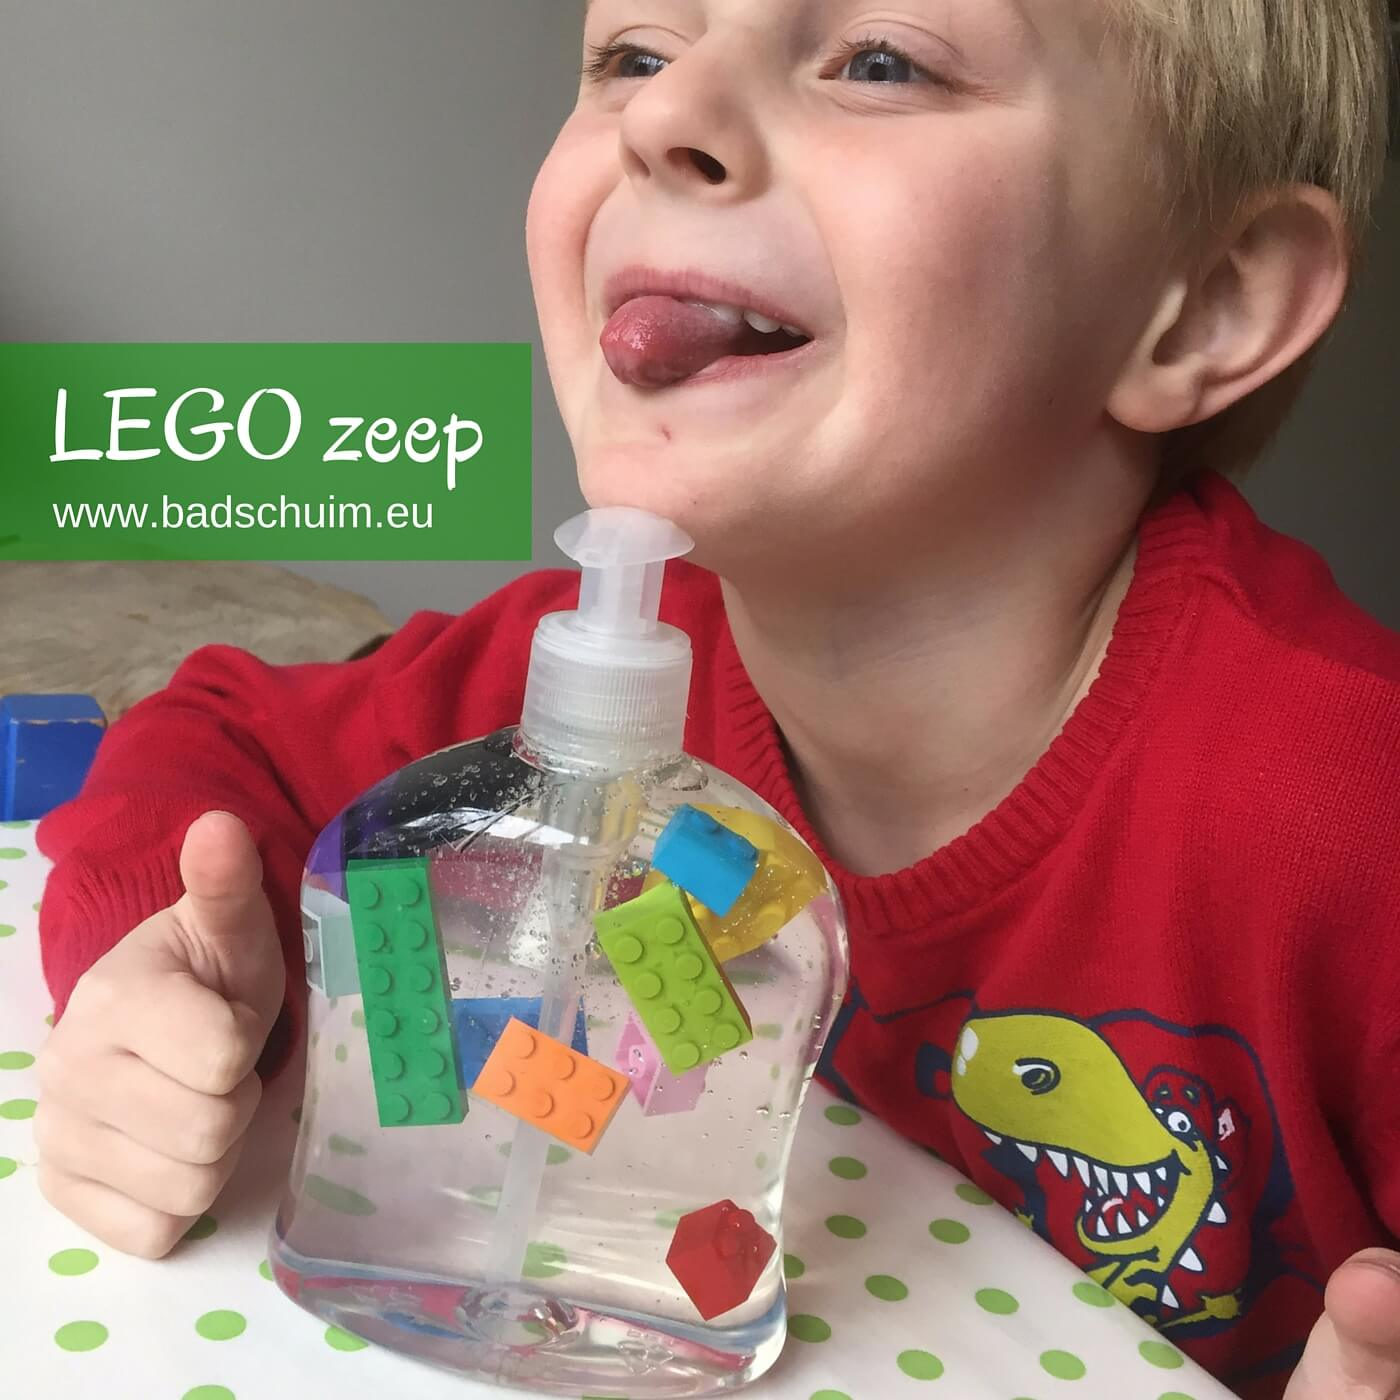 lego, zeeppompje, lifestyle, leuke zeep, leuke zeeppompjes, zelf zeeppompjes maken, zeeppompjes versieren, zeep vullen, zeep navullen,